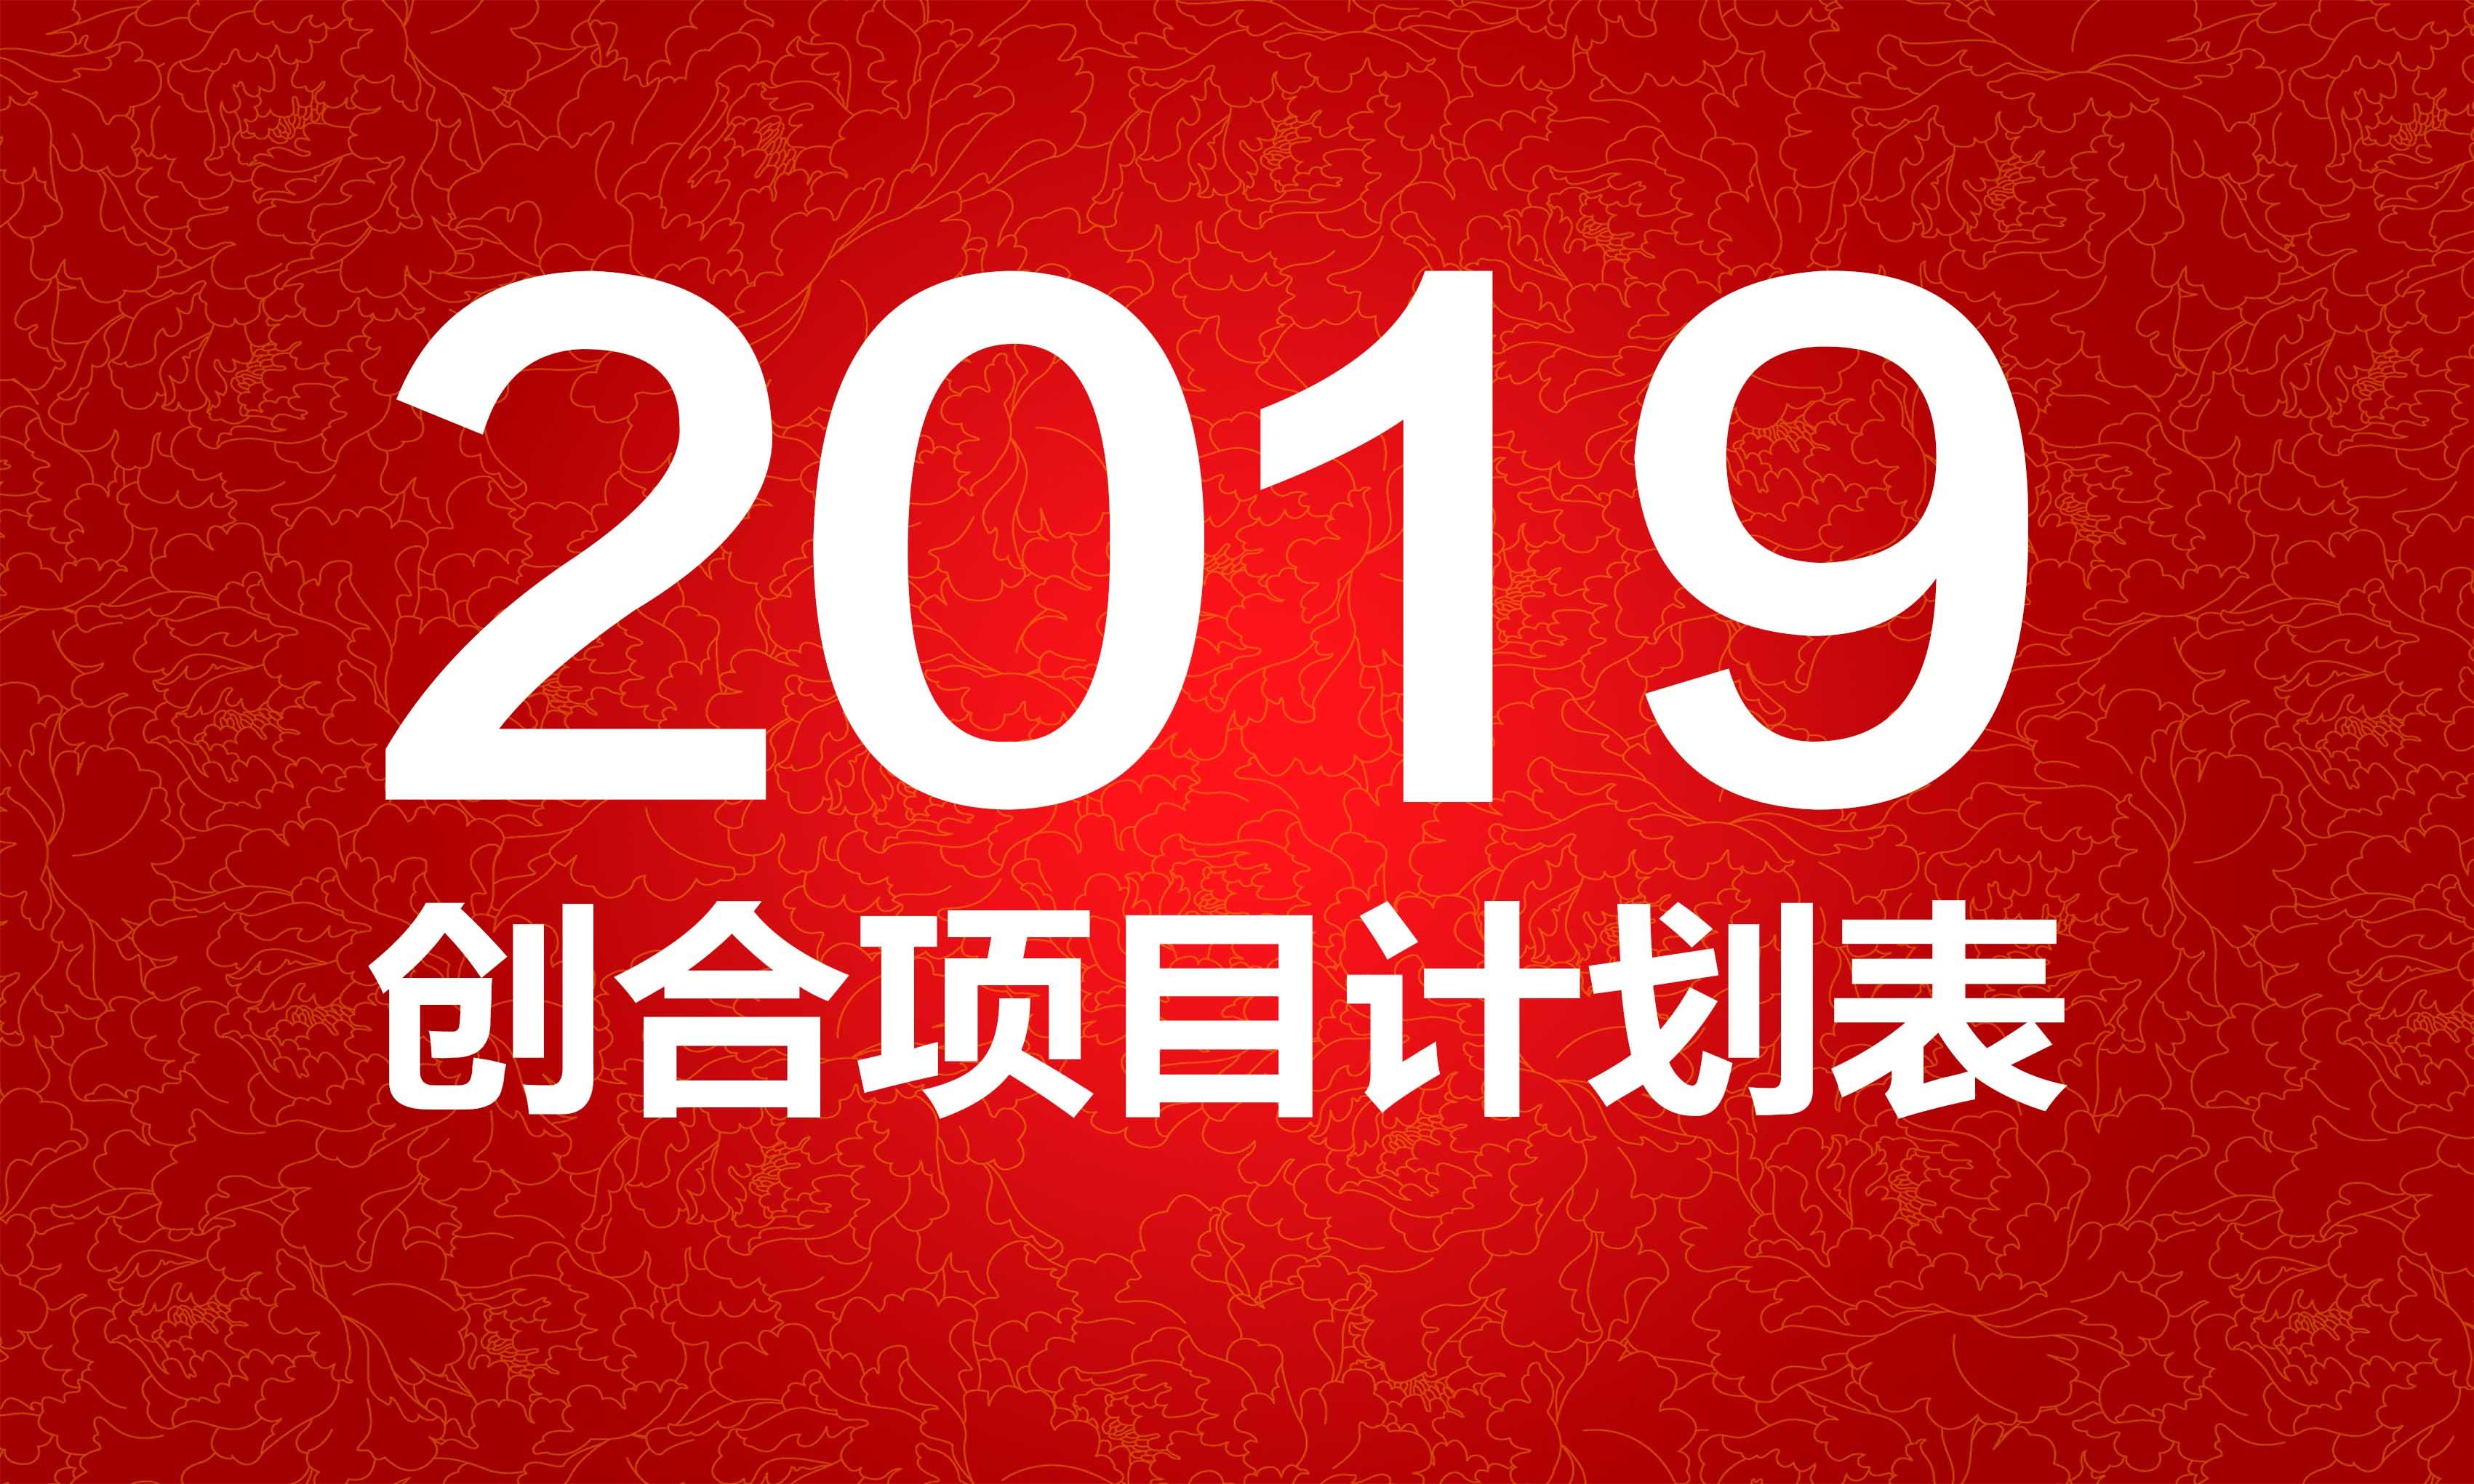 2019年创合会展项目计划表